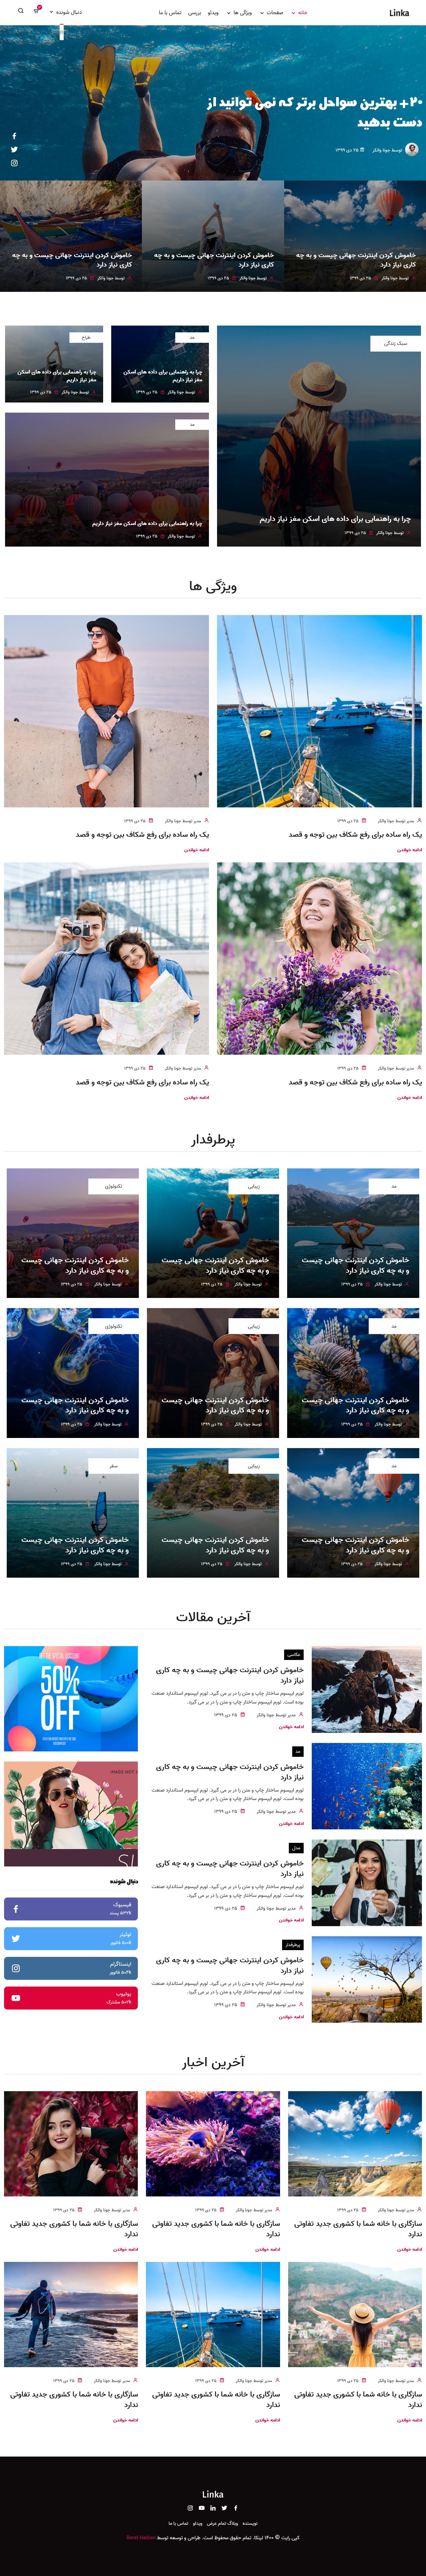 صفحات قالب HTML وبلاگ مدرن و مجله خبری لینکا